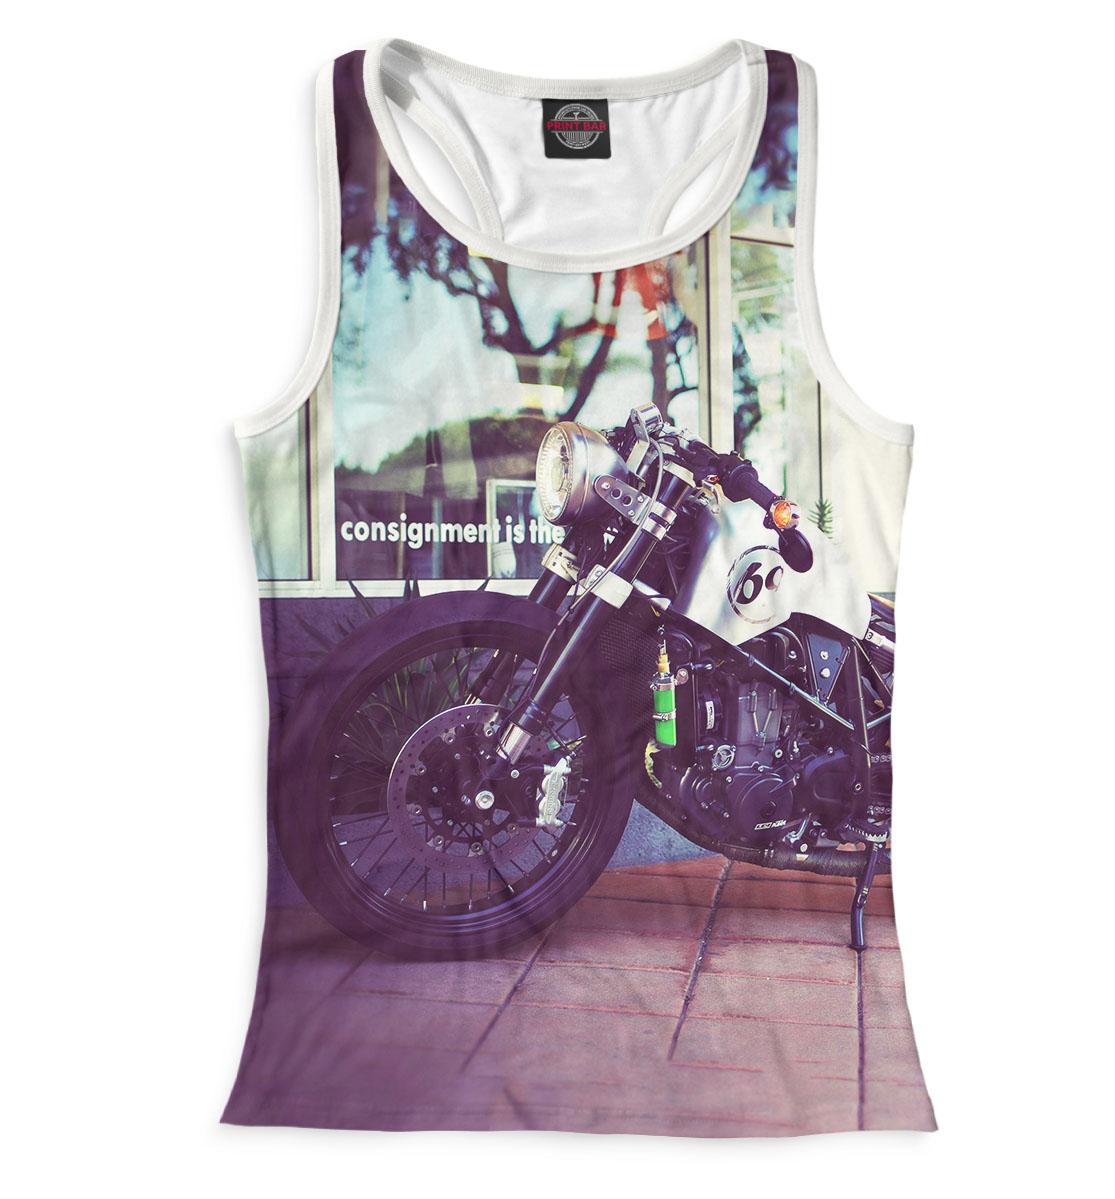 Купить Мотоцикл, Printbar, Майки борцовки, MTR-412869-mayb-1